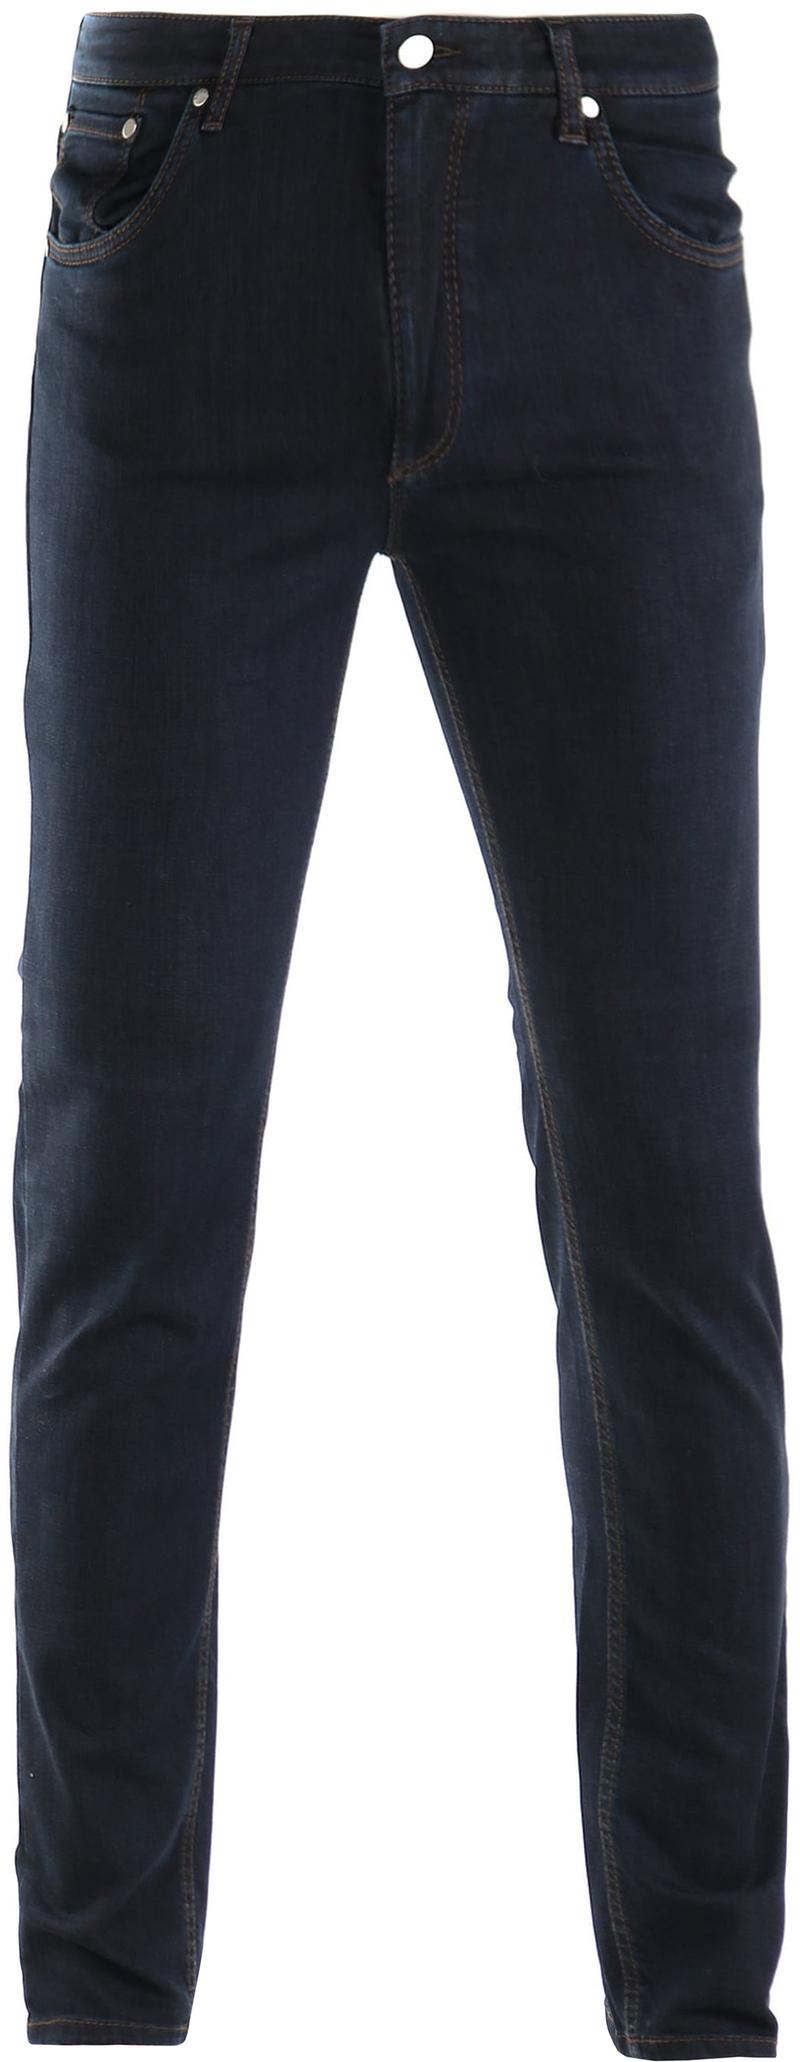 Brax Chuck Jeans Regular Fit foto 0